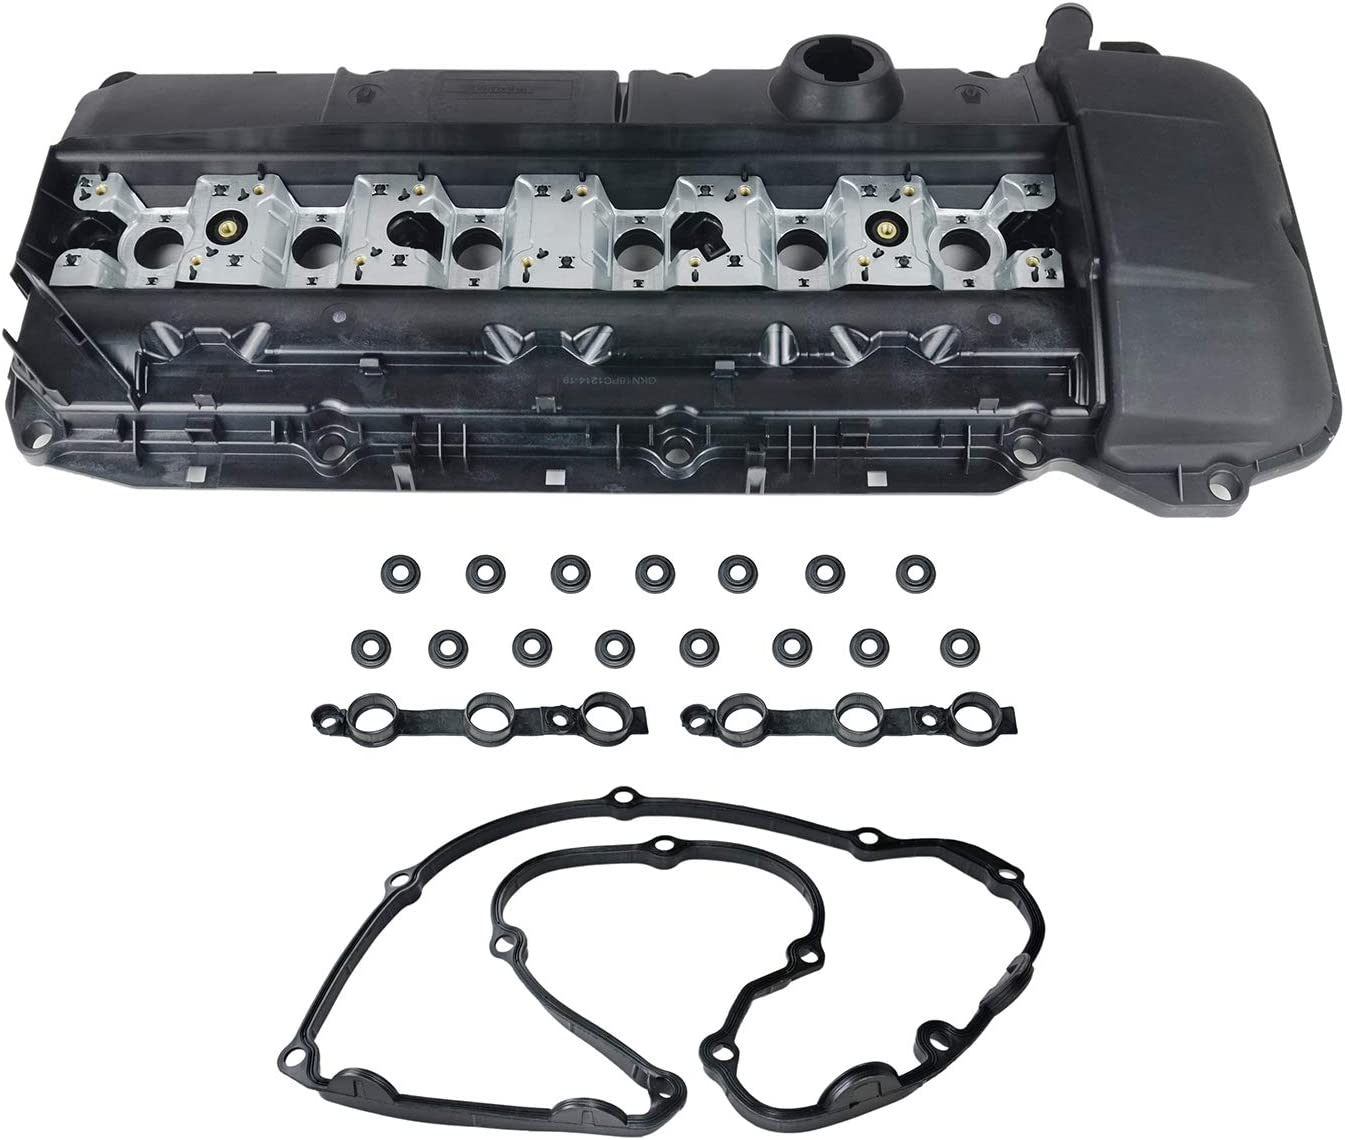 Valve Cover Bolt Seals Grommets fits BMW E36 E46 E60 328i 328ci 325xi 2.5L 3.0L